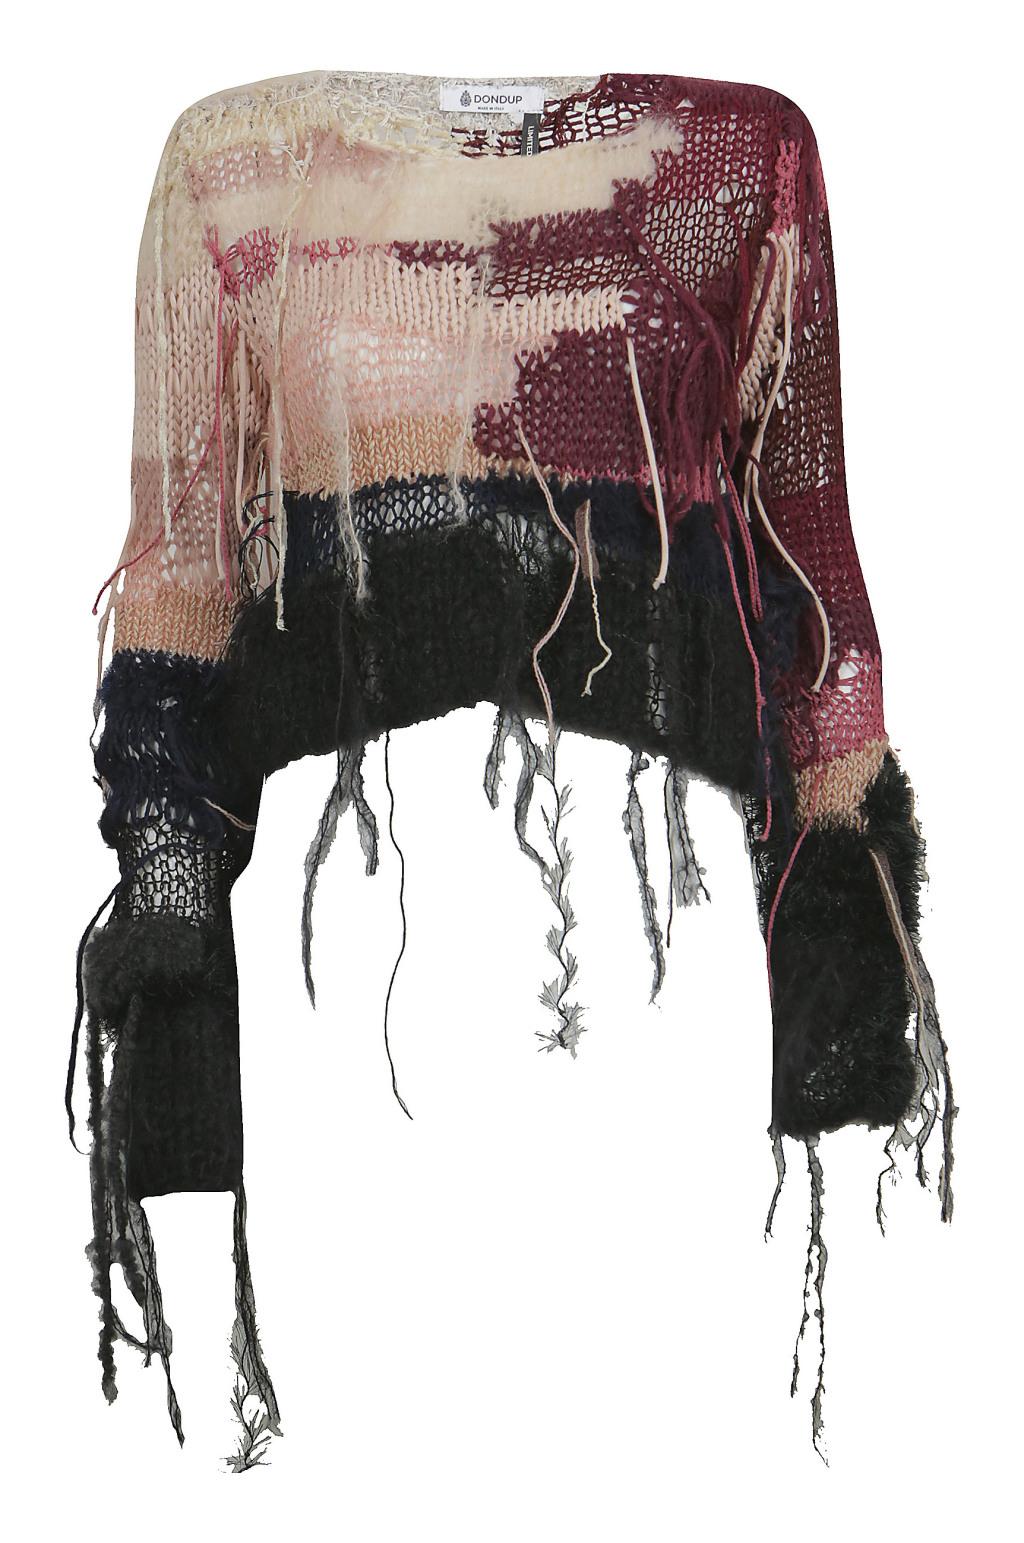 Модный короткий разноцветный свитер с торчащими нитями тренд сезона из коллекции Dondup.